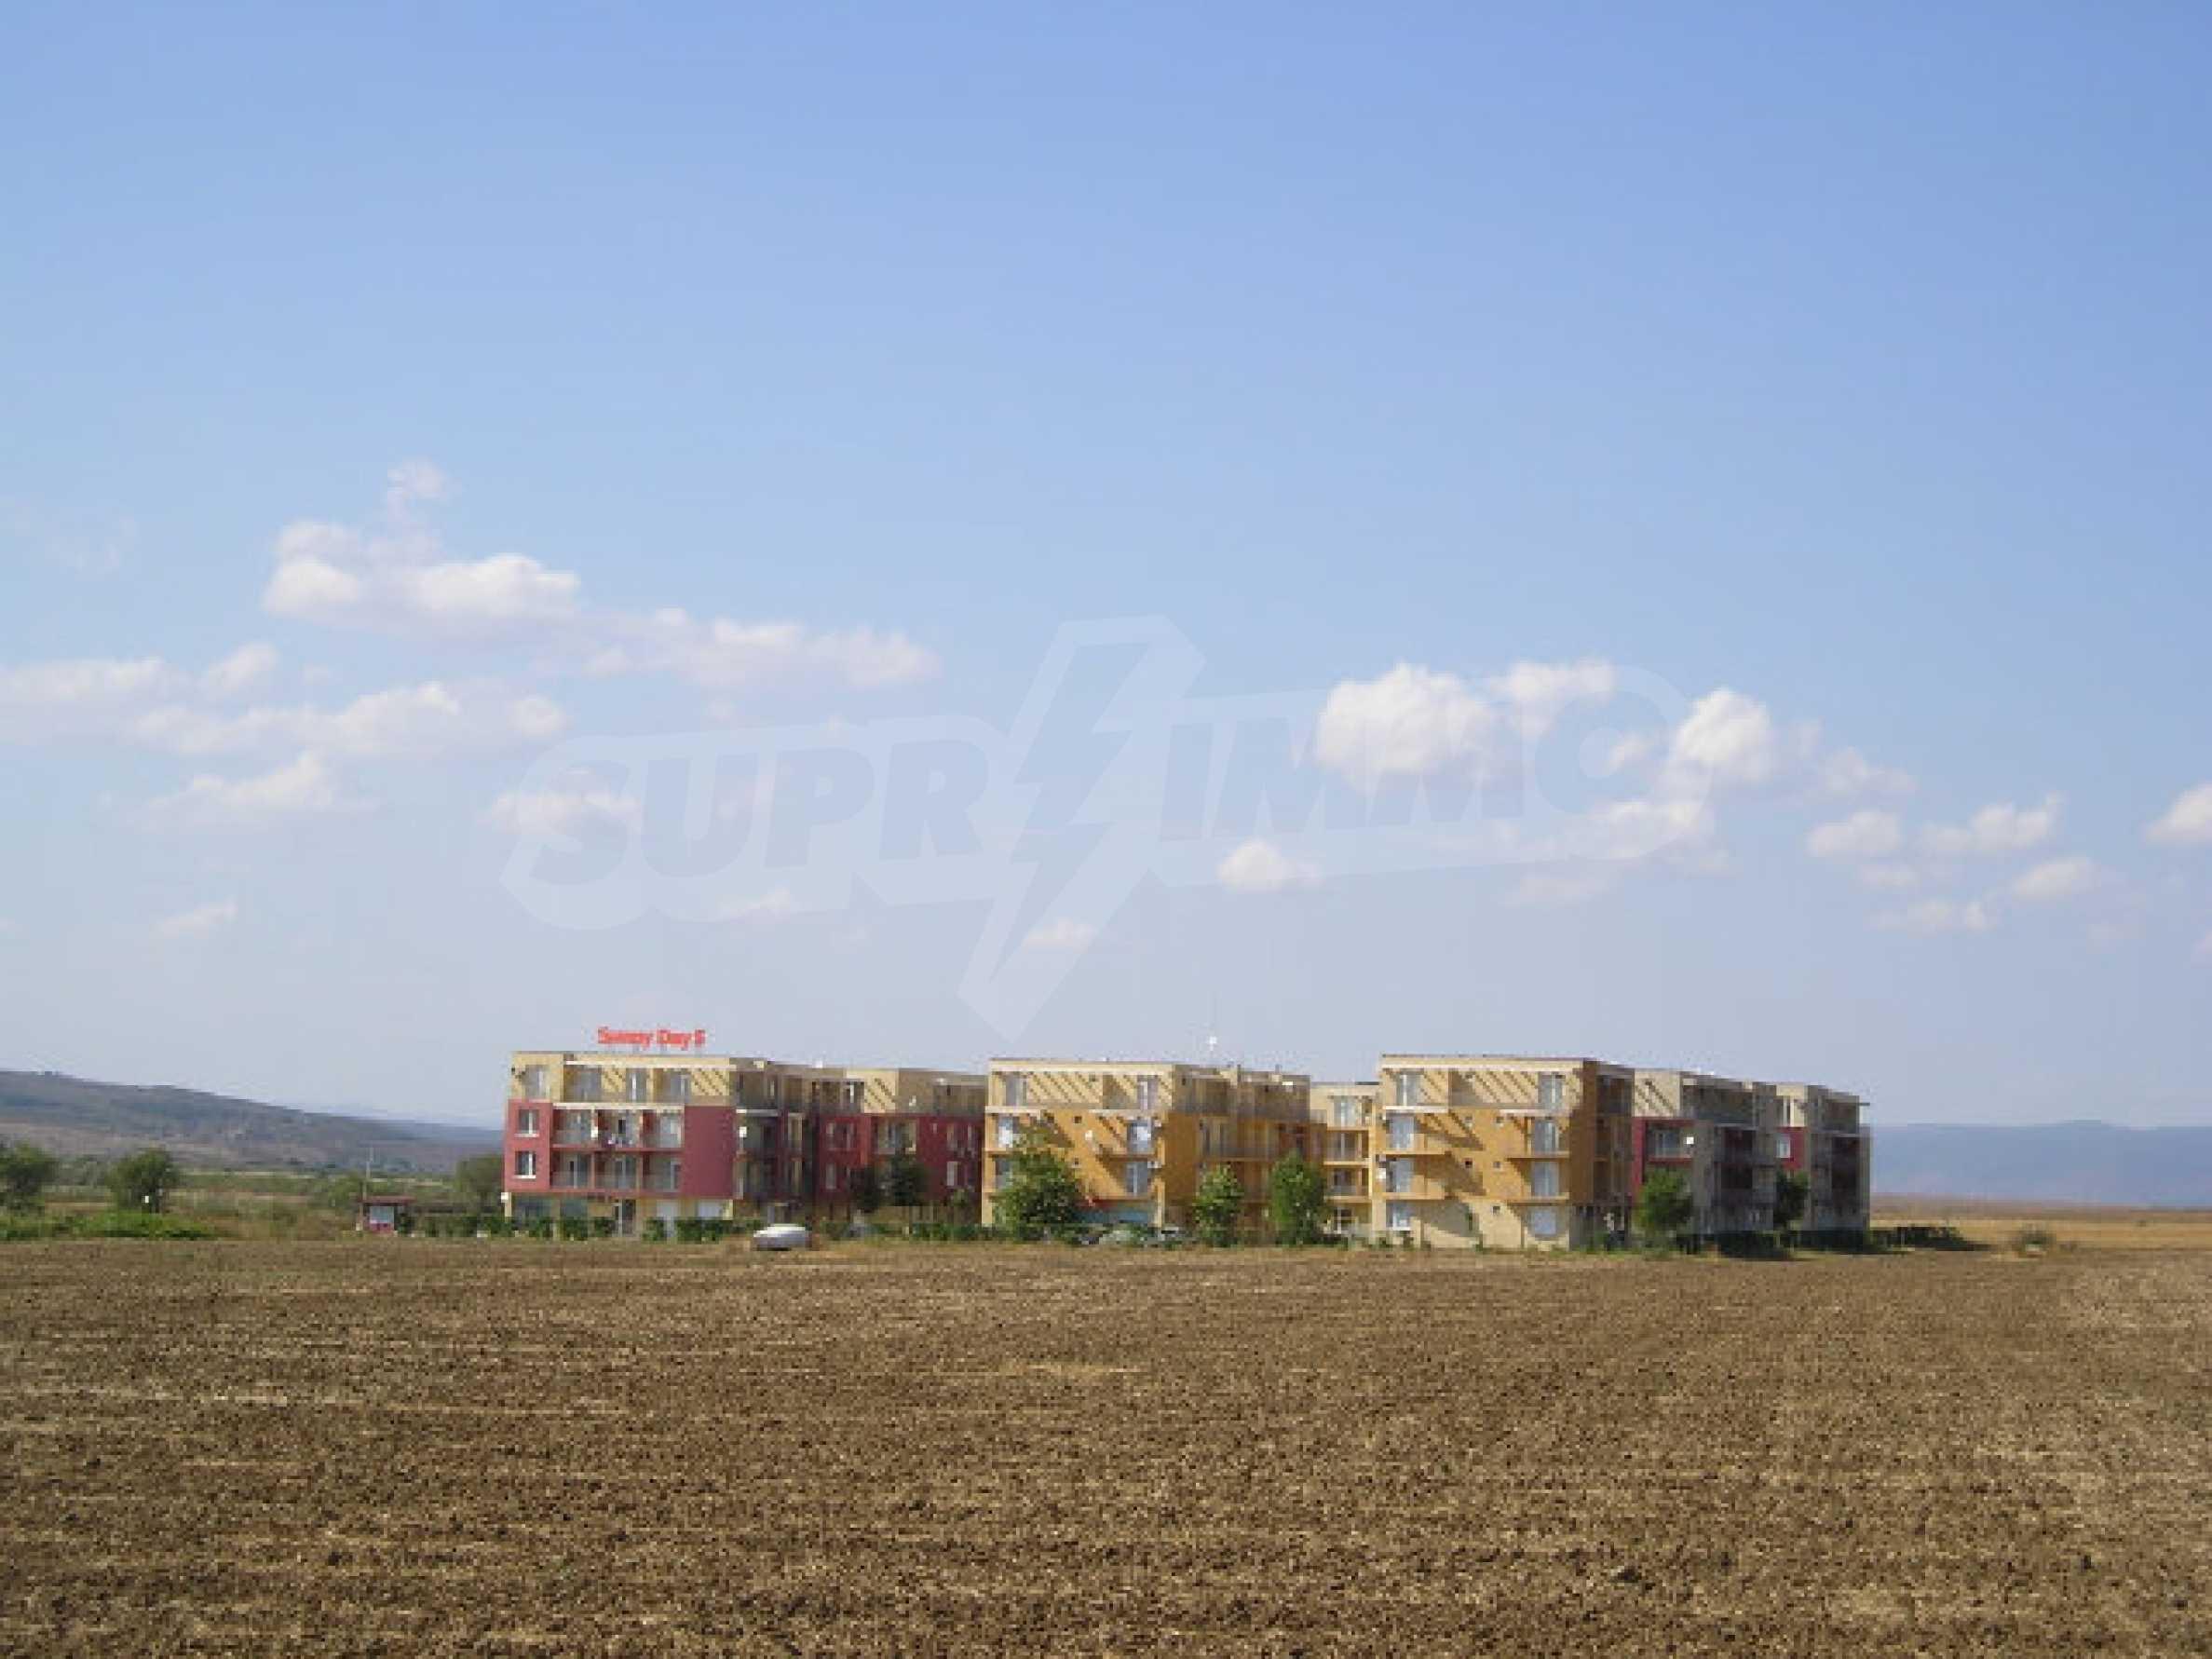 Bauland zum Verkauf in der Nähe von Sonnenstrand 3